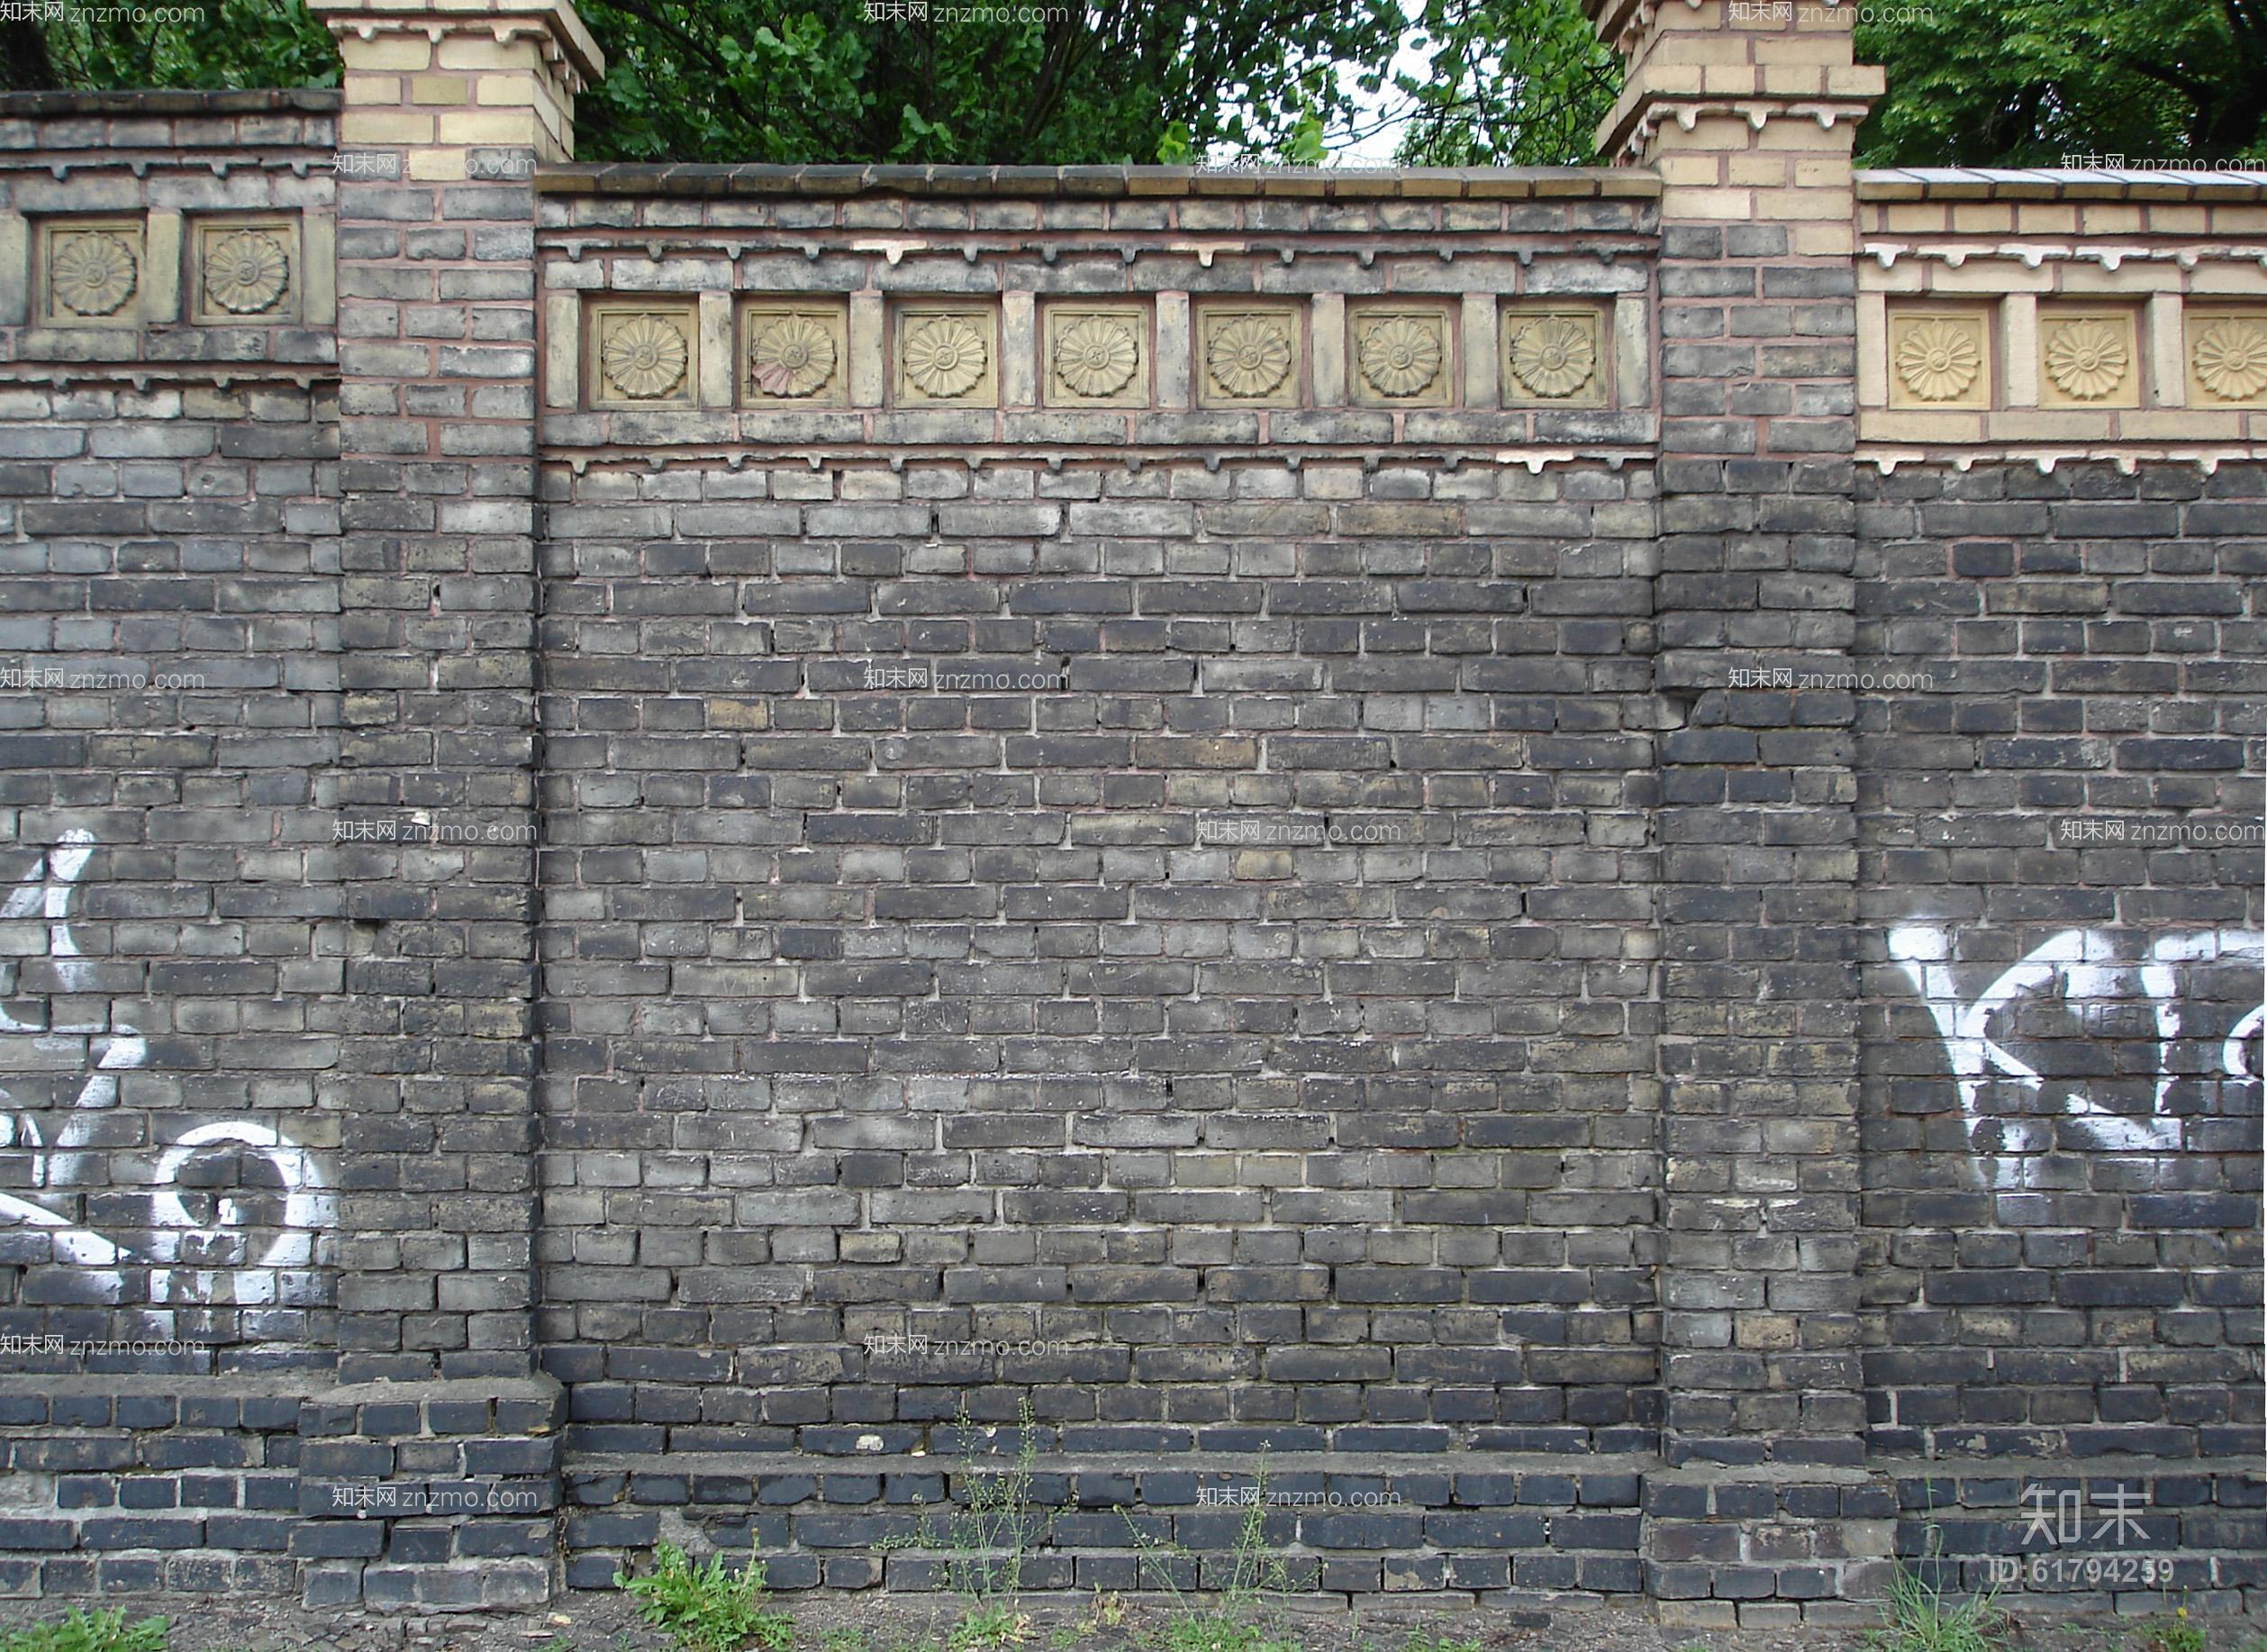 9及以下,建议使用3dmax 2012 软件打开,该污垢小砖墙图片素材大小是1.